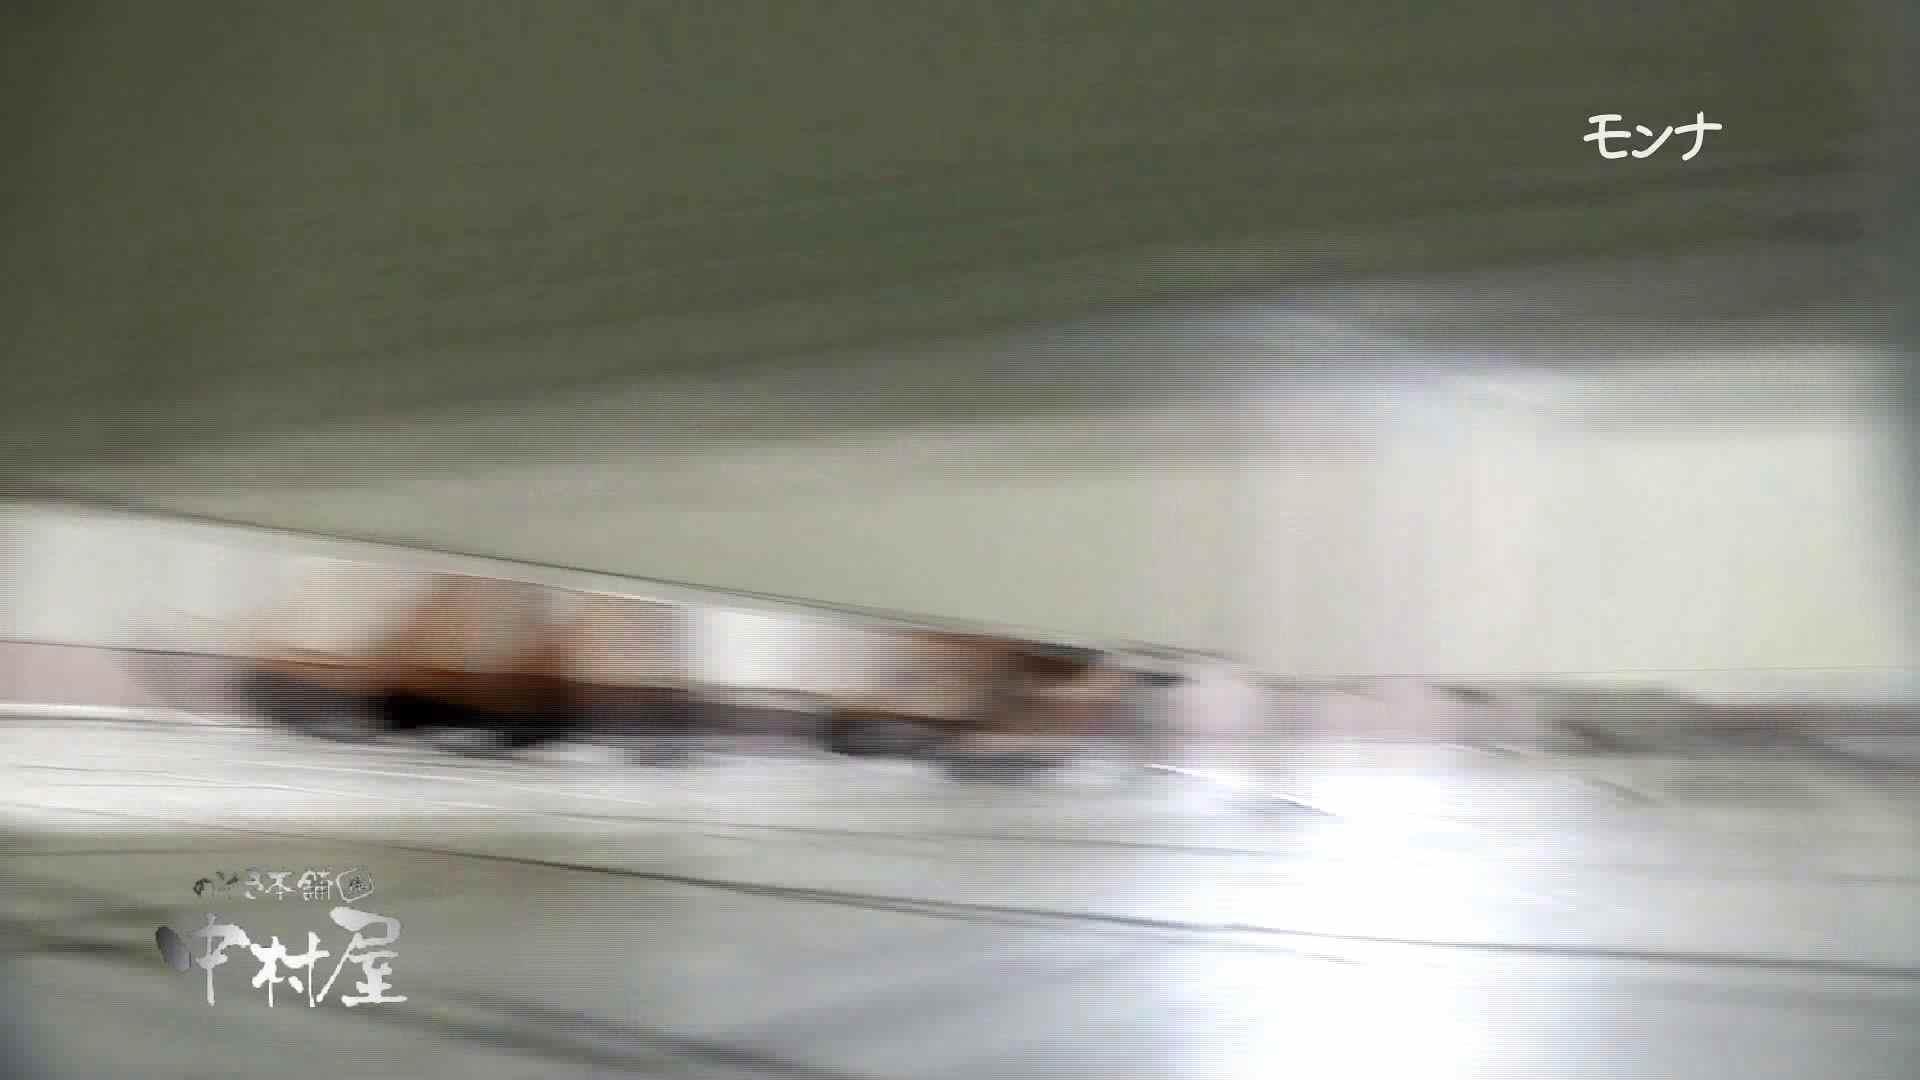 【美しい日本の未来】新学期!!下半身中心に攻めてます美女可愛い女子悪戯盗satuトイレ後編 悪戯 | 下半身  97pic 73